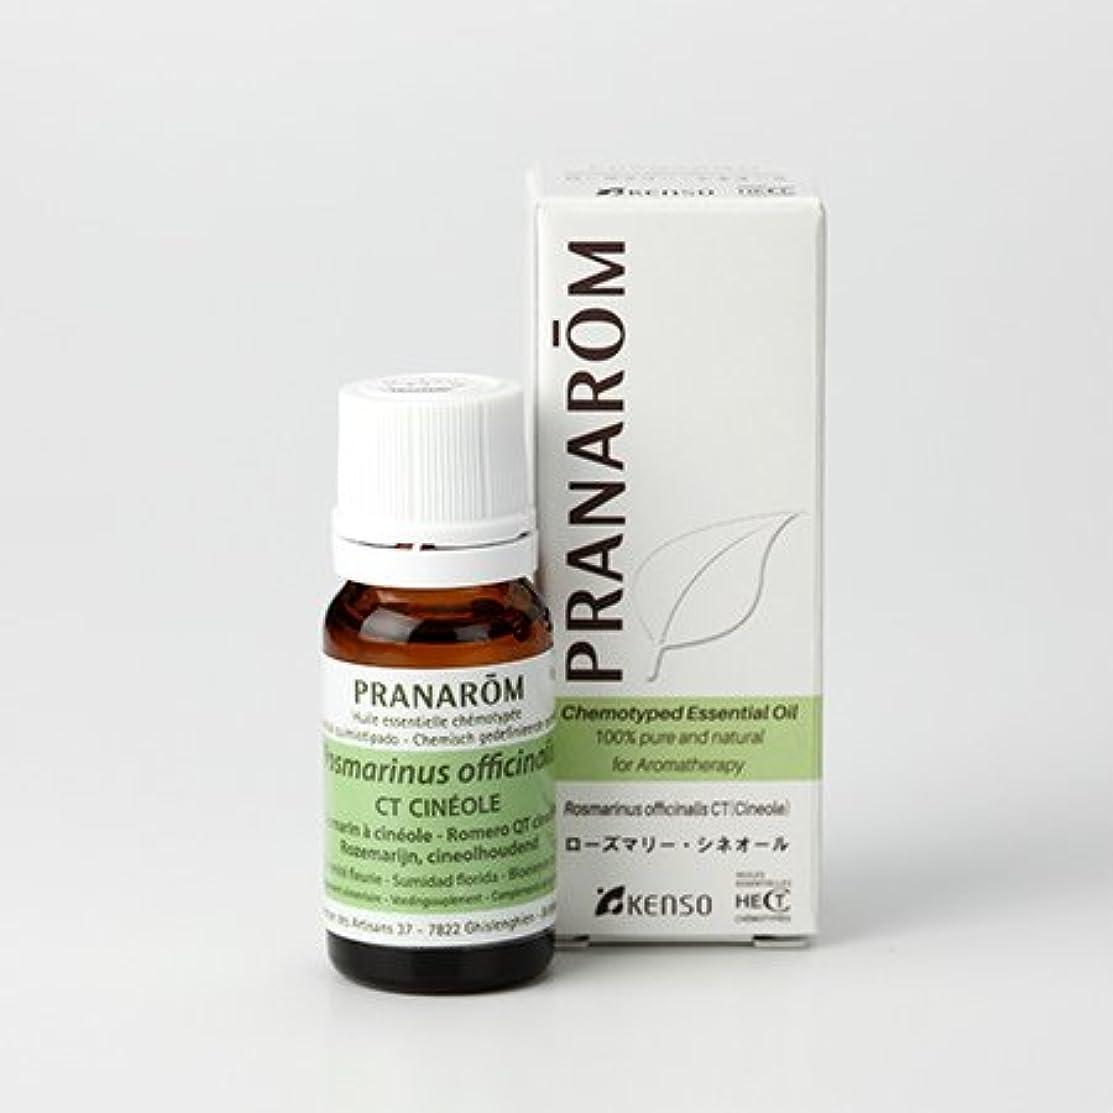 挑む供給ルールプラナロム ローズマリーシネオール 10ml (PRANAROM ケモタイプ精油)